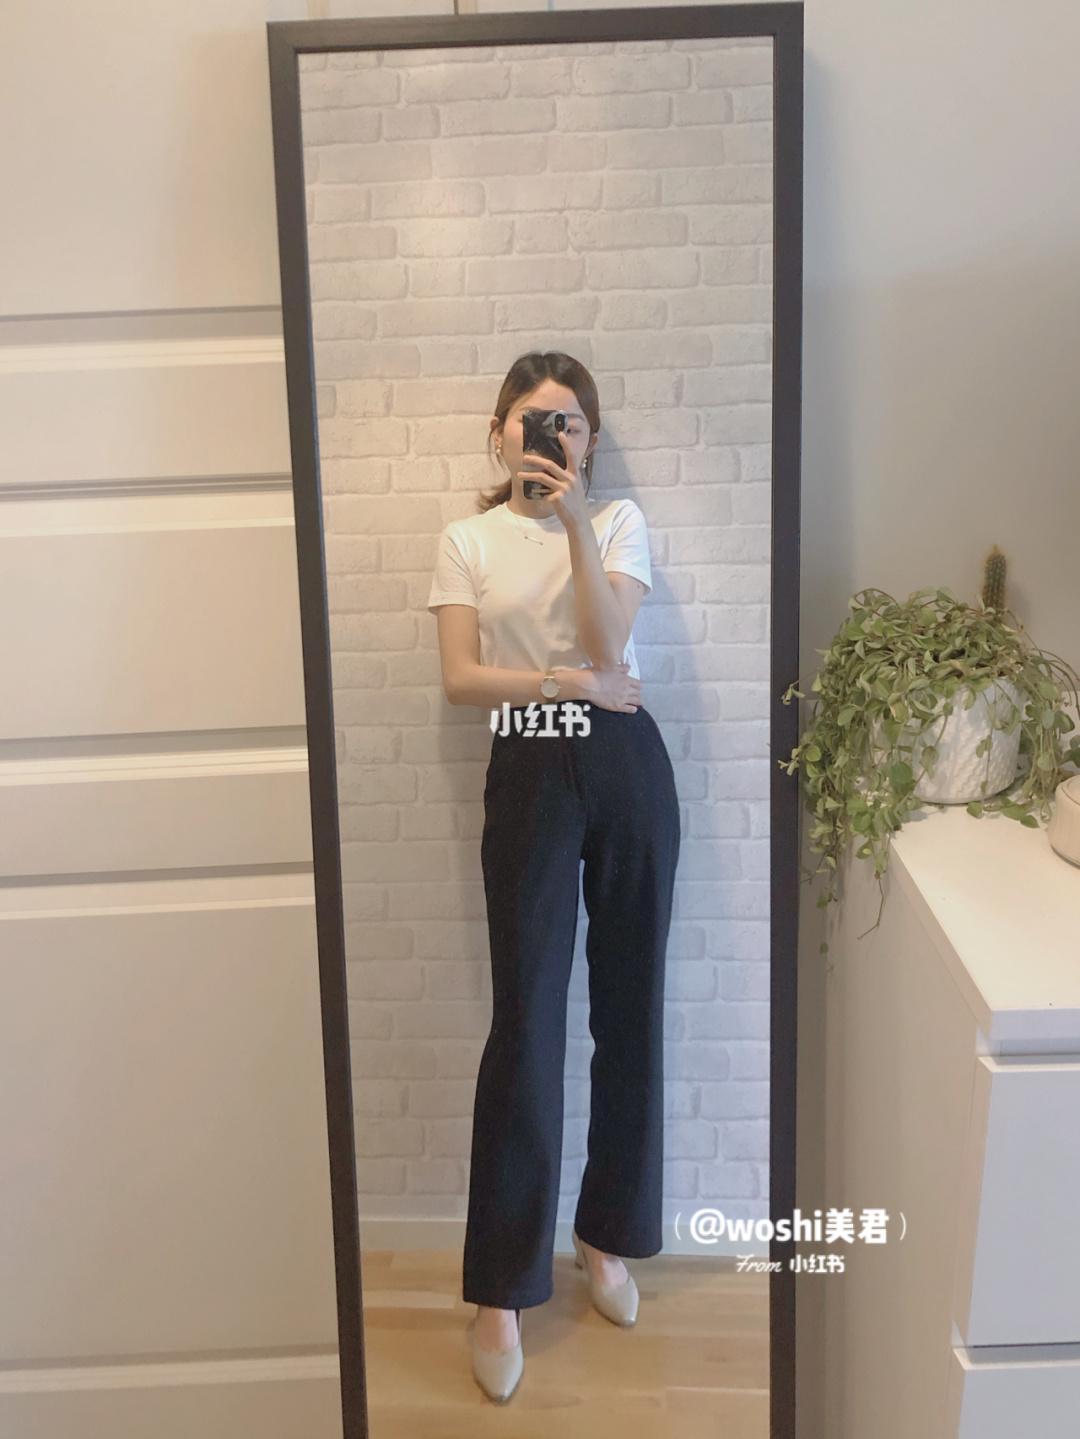 """Nàng công sở cao 1m58 và nặng 43kg bật mí món đồ """"tủ"""" giúp cô nhìn dong dỏng cao dù thường xuyên đi giày bệt - Ảnh 2."""